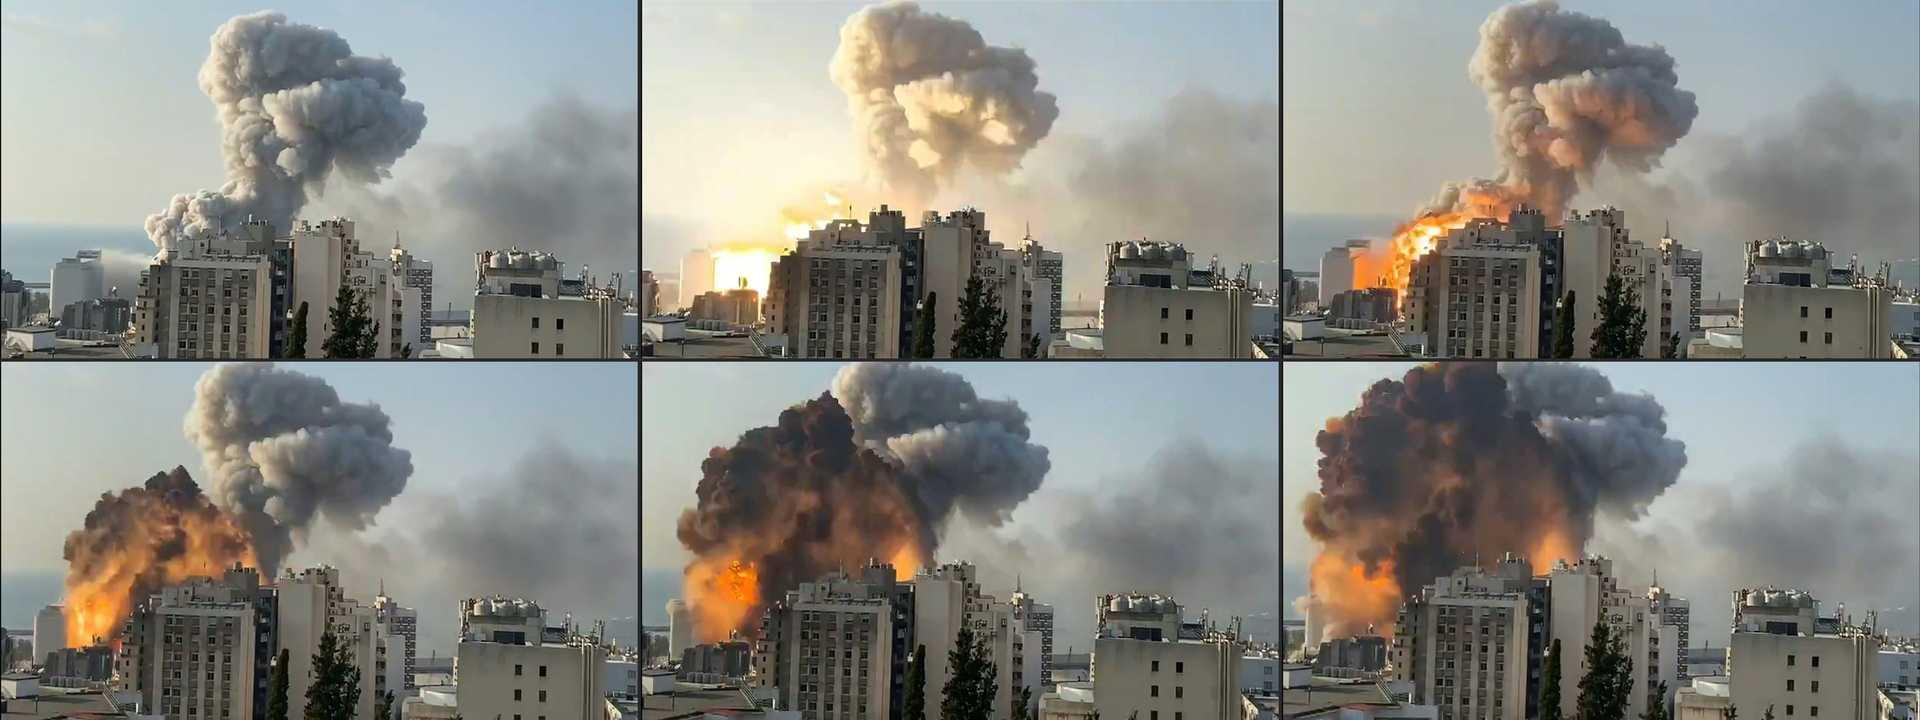 2.750 toneladas de nitrato de amónio na origem das explosões em Beirute